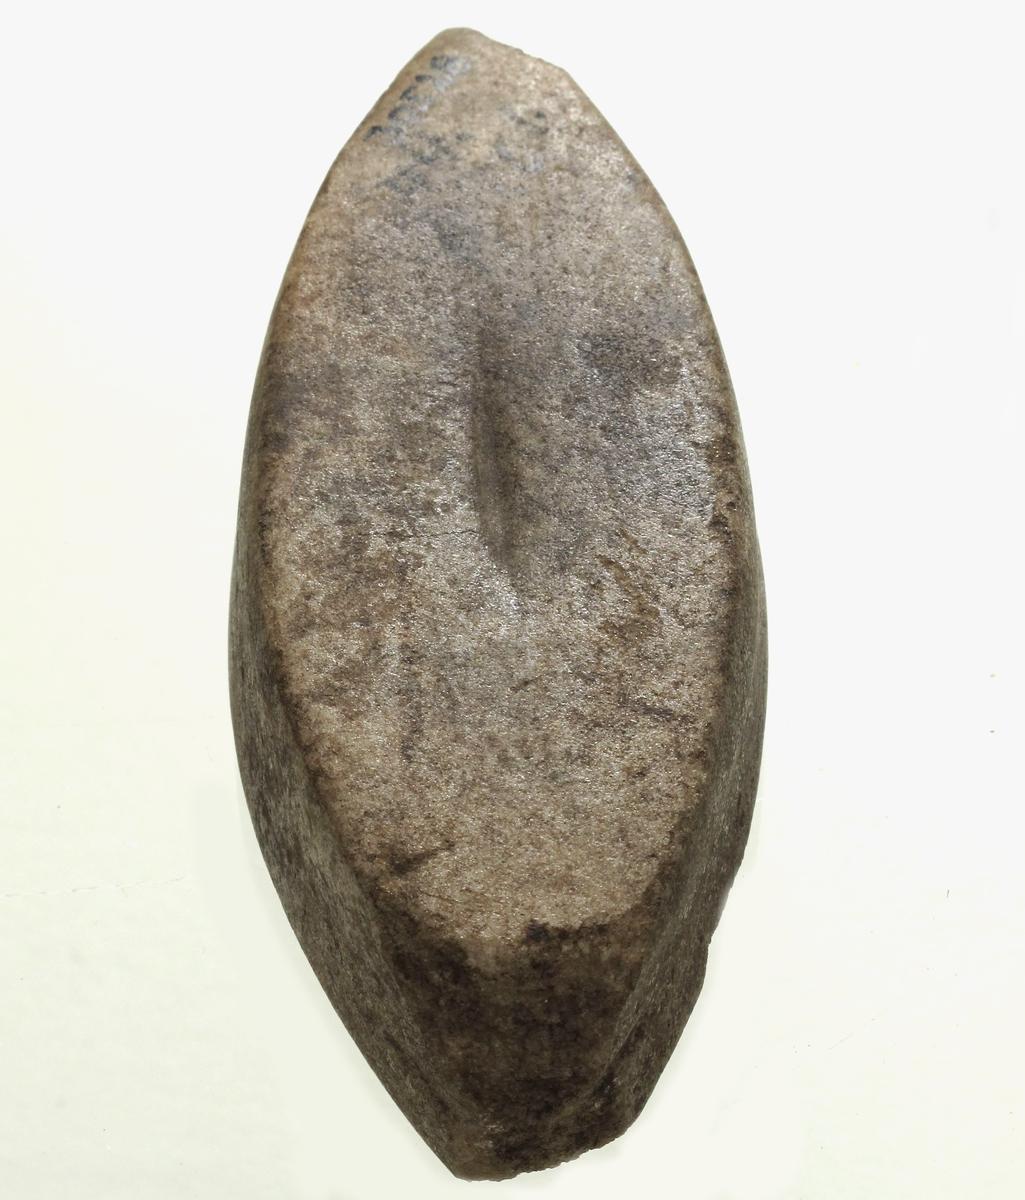 Beltestein av lys grålig kvartsitt, av typen [Rygh fig.155]R. 155, men korte. Bruksspor på oversiden. Endene noe avslått, ellers bra bevart. Nåv. lengde 11,2 cm, st. bredde 4,4 cm.